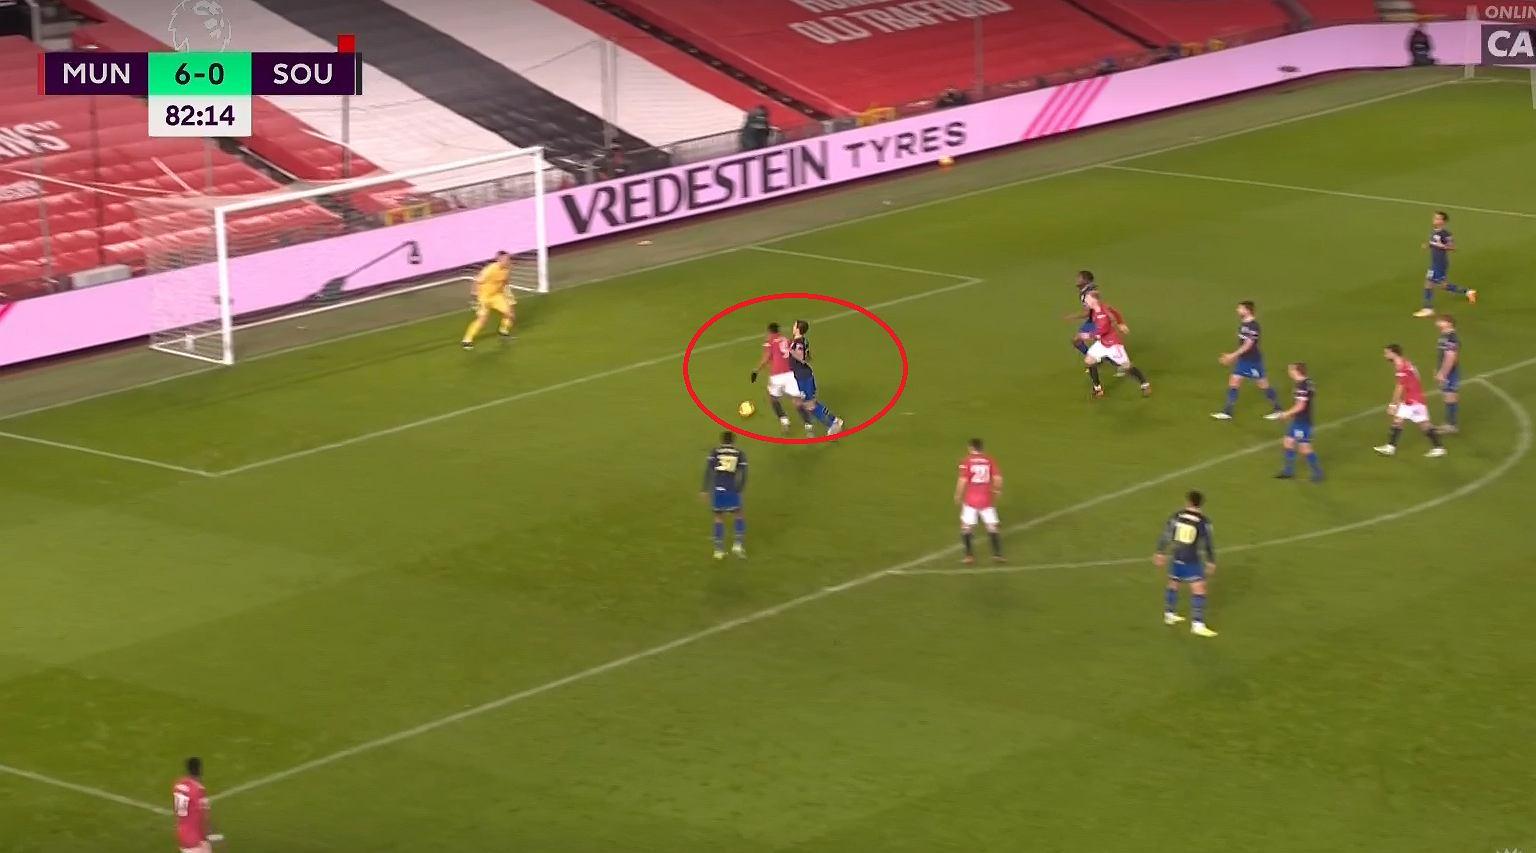 Totalna demolka! 9:0! Manchester Utd zmiażdżył Southampton. Katastrofa Bednarka Piłka nożna